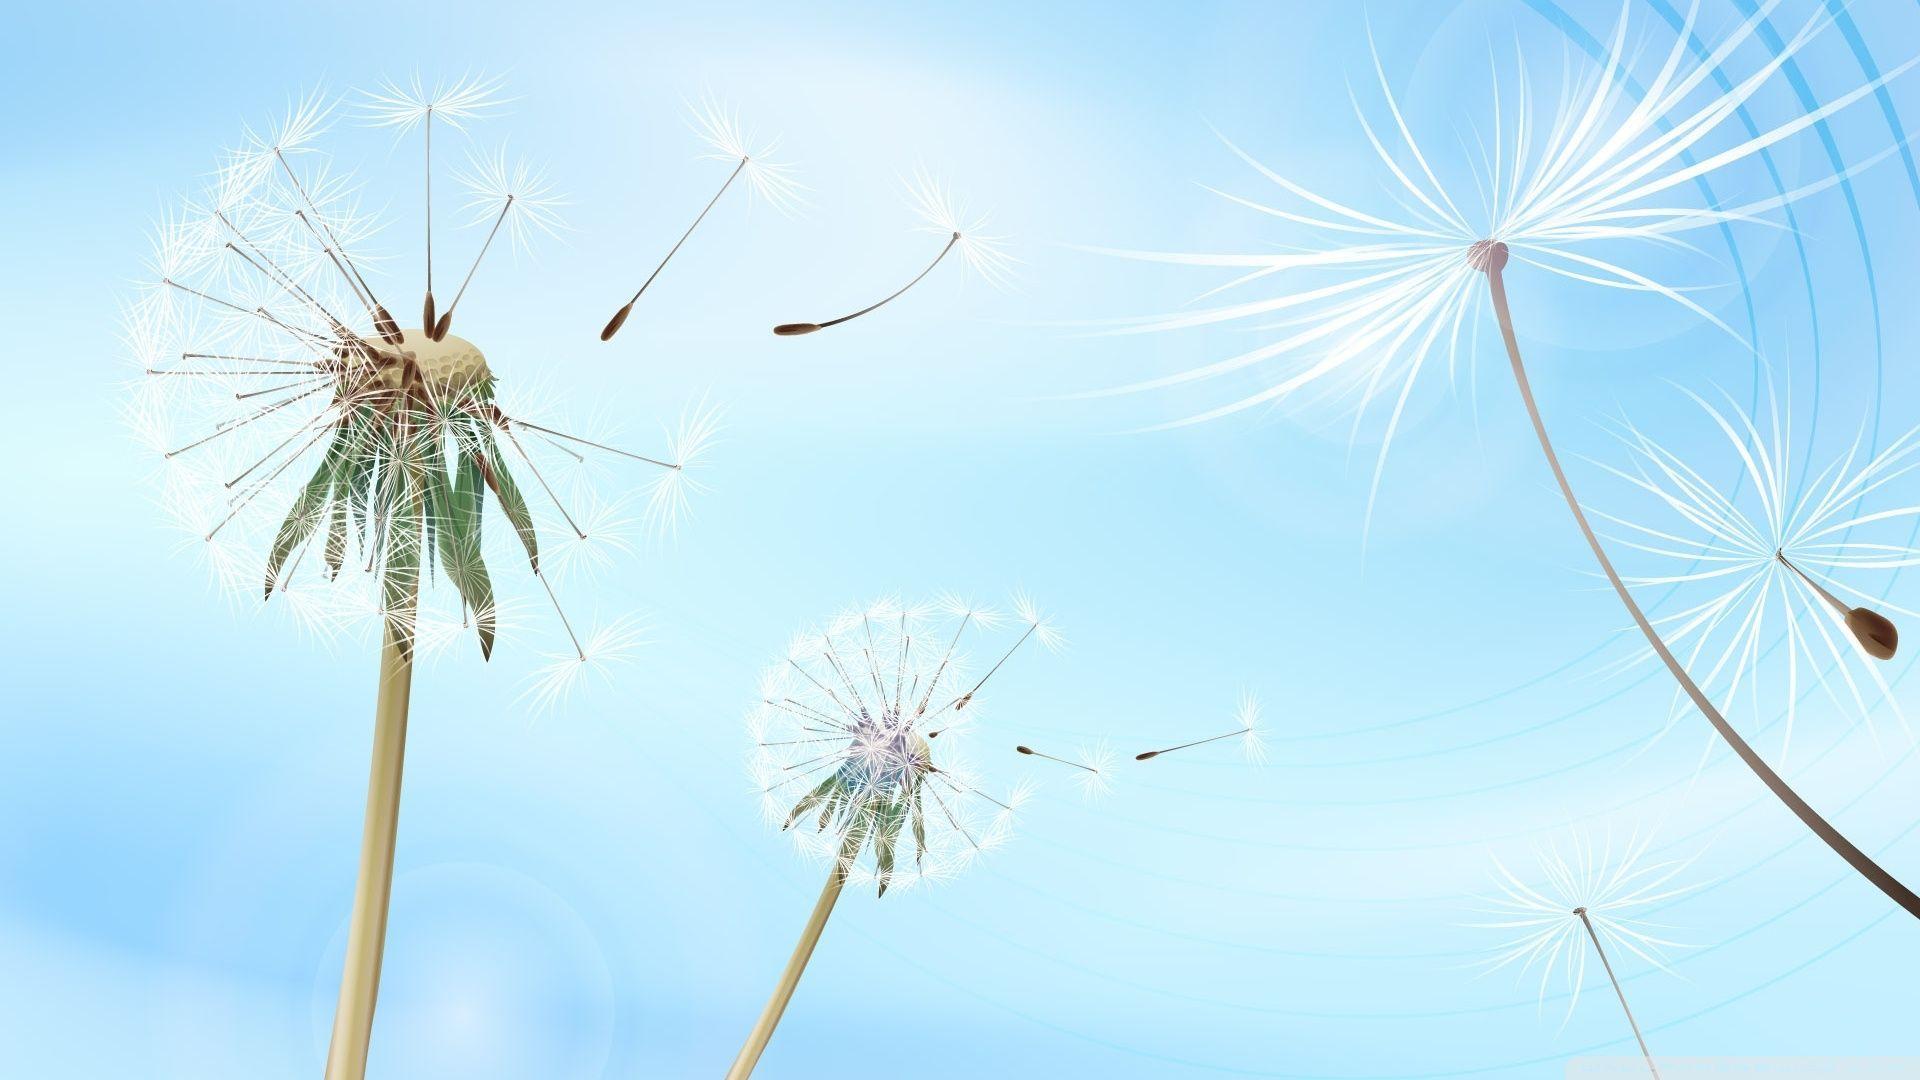 Dandelion wallpaper theme